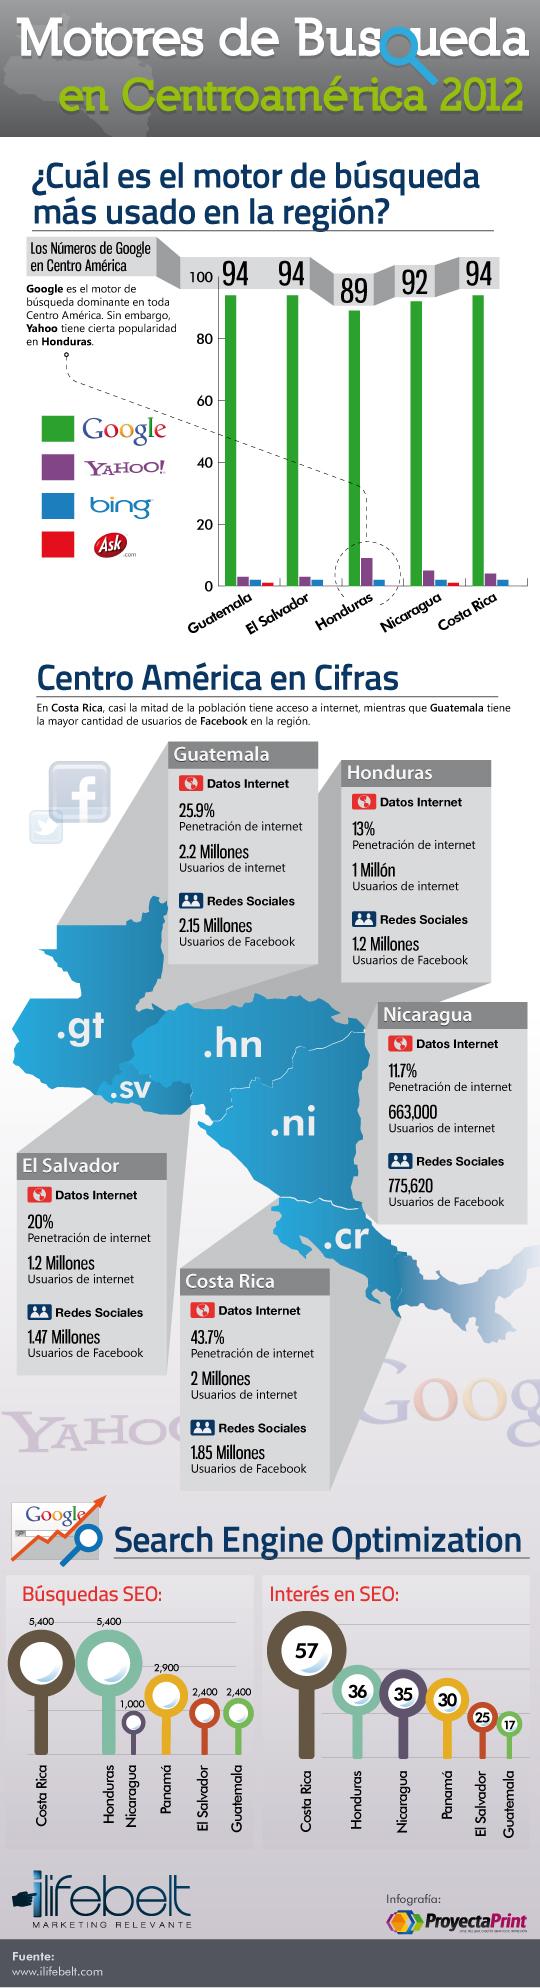 Infografía de los motores de búsqueda en Centroamérica